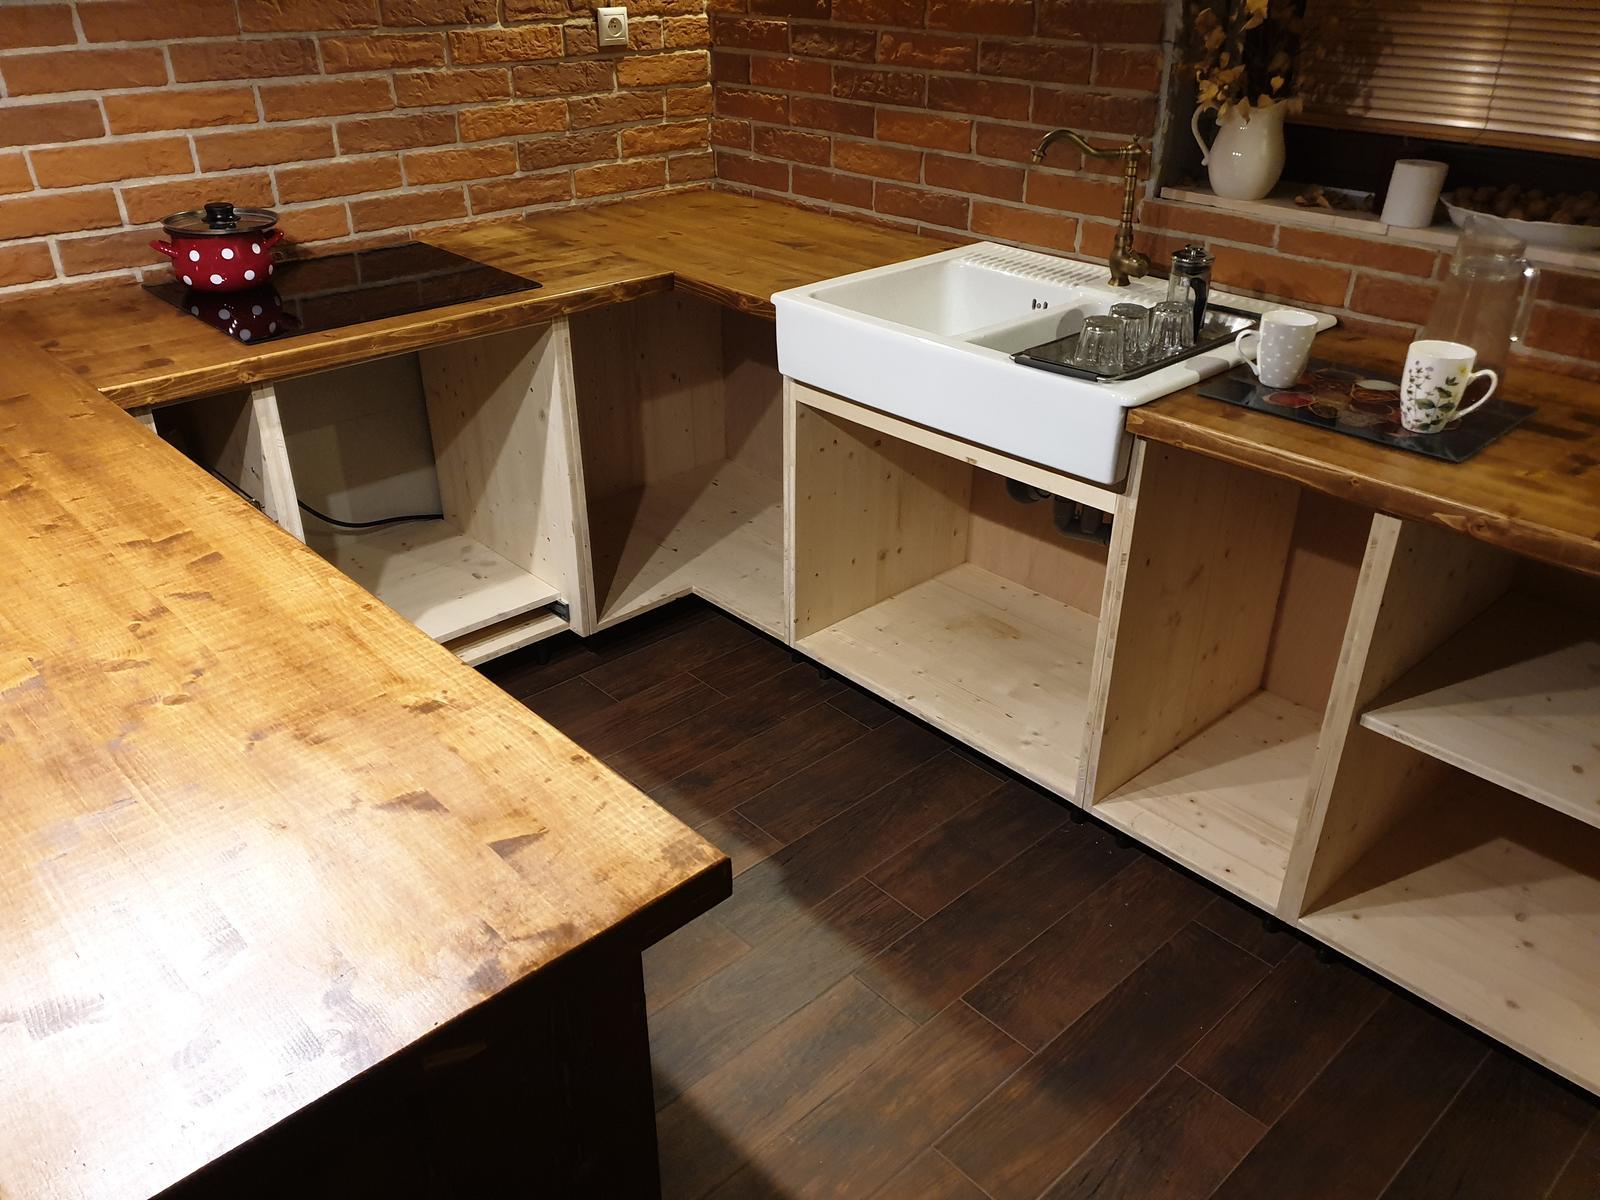 Kuchyňa svojpomocne - Pracovná doska pripevnená, umývadlo tiež. Varná doska nám už uvarila prvú kávu :) Konečne sme mohli dať preč tú plynovú bombu :) Takže druhá fáza hotová.